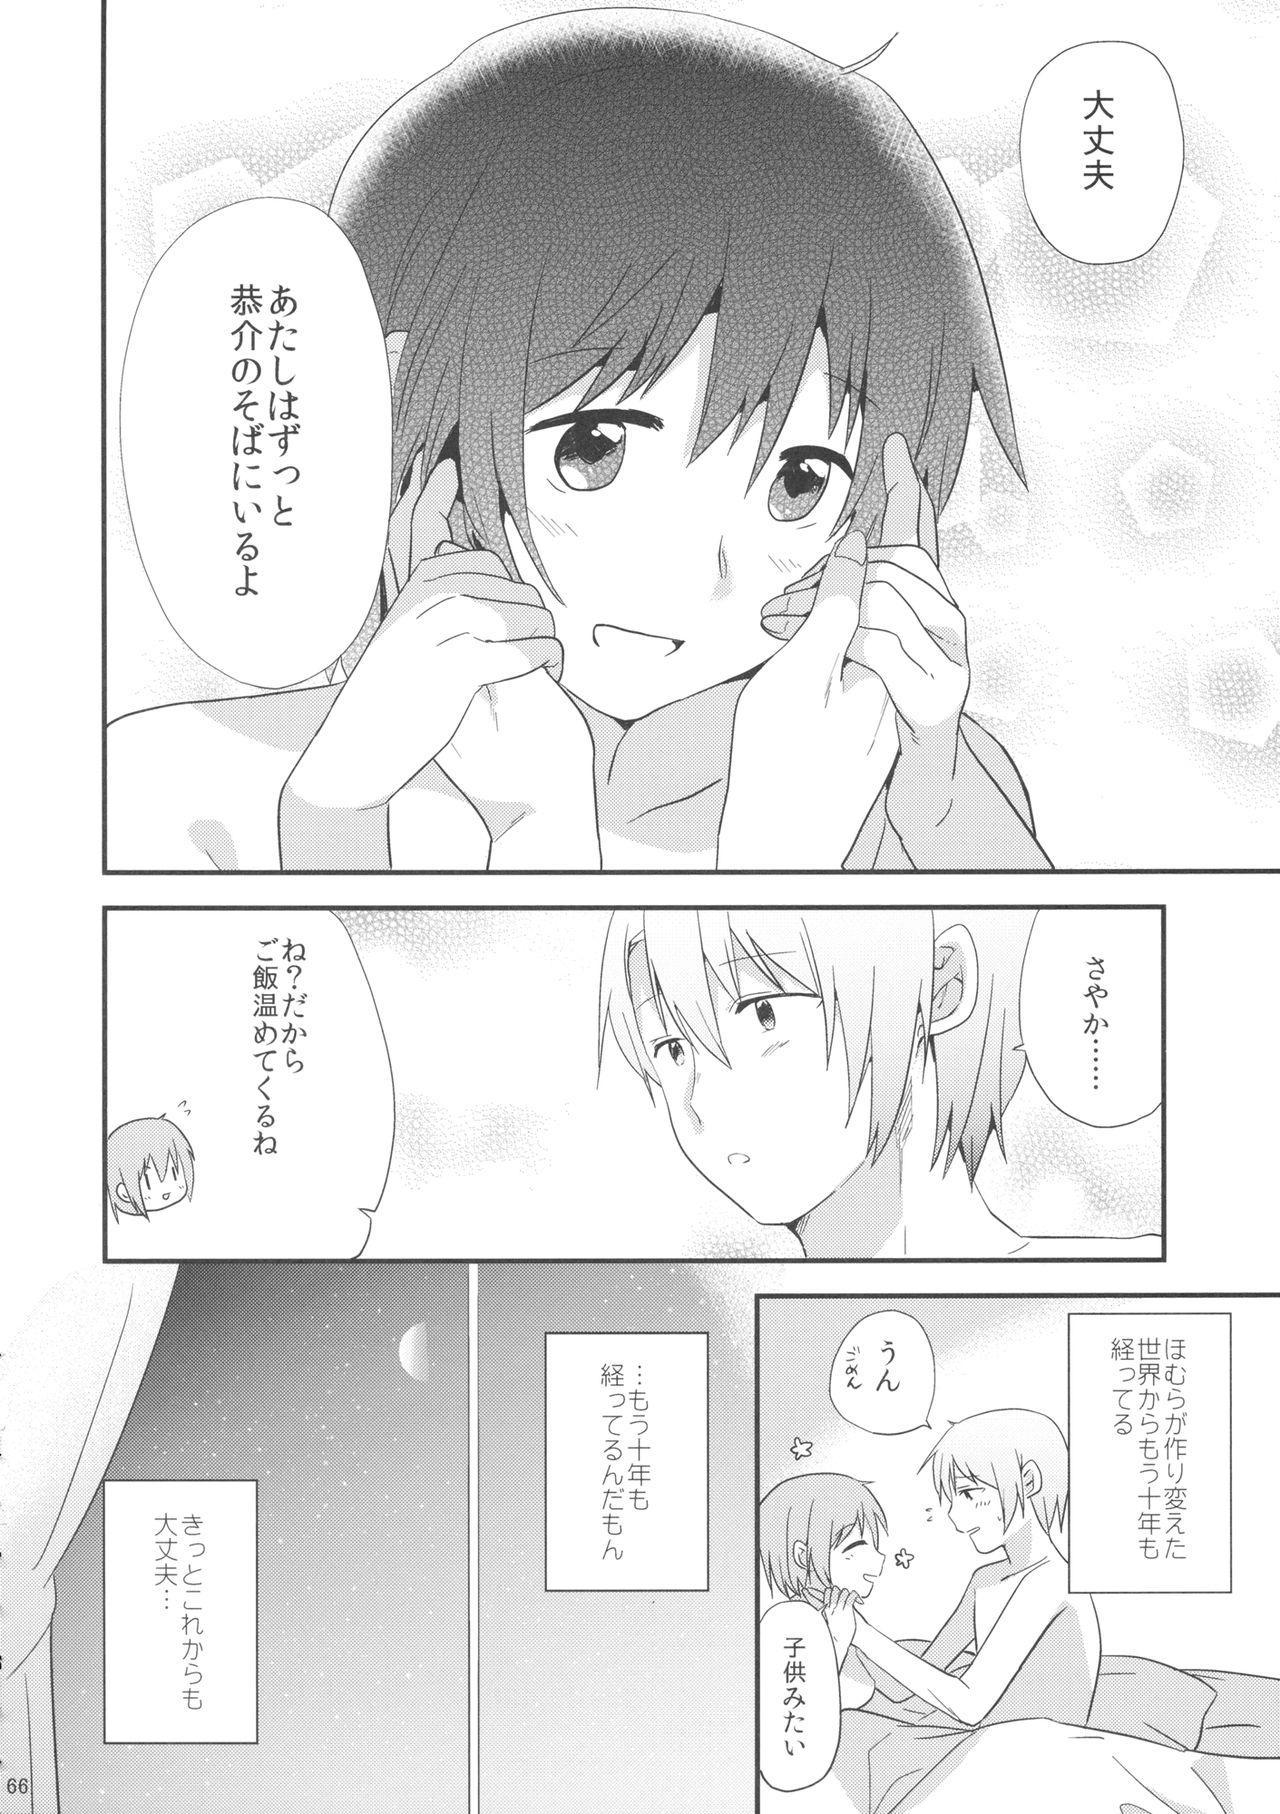 if Kanzenban 64